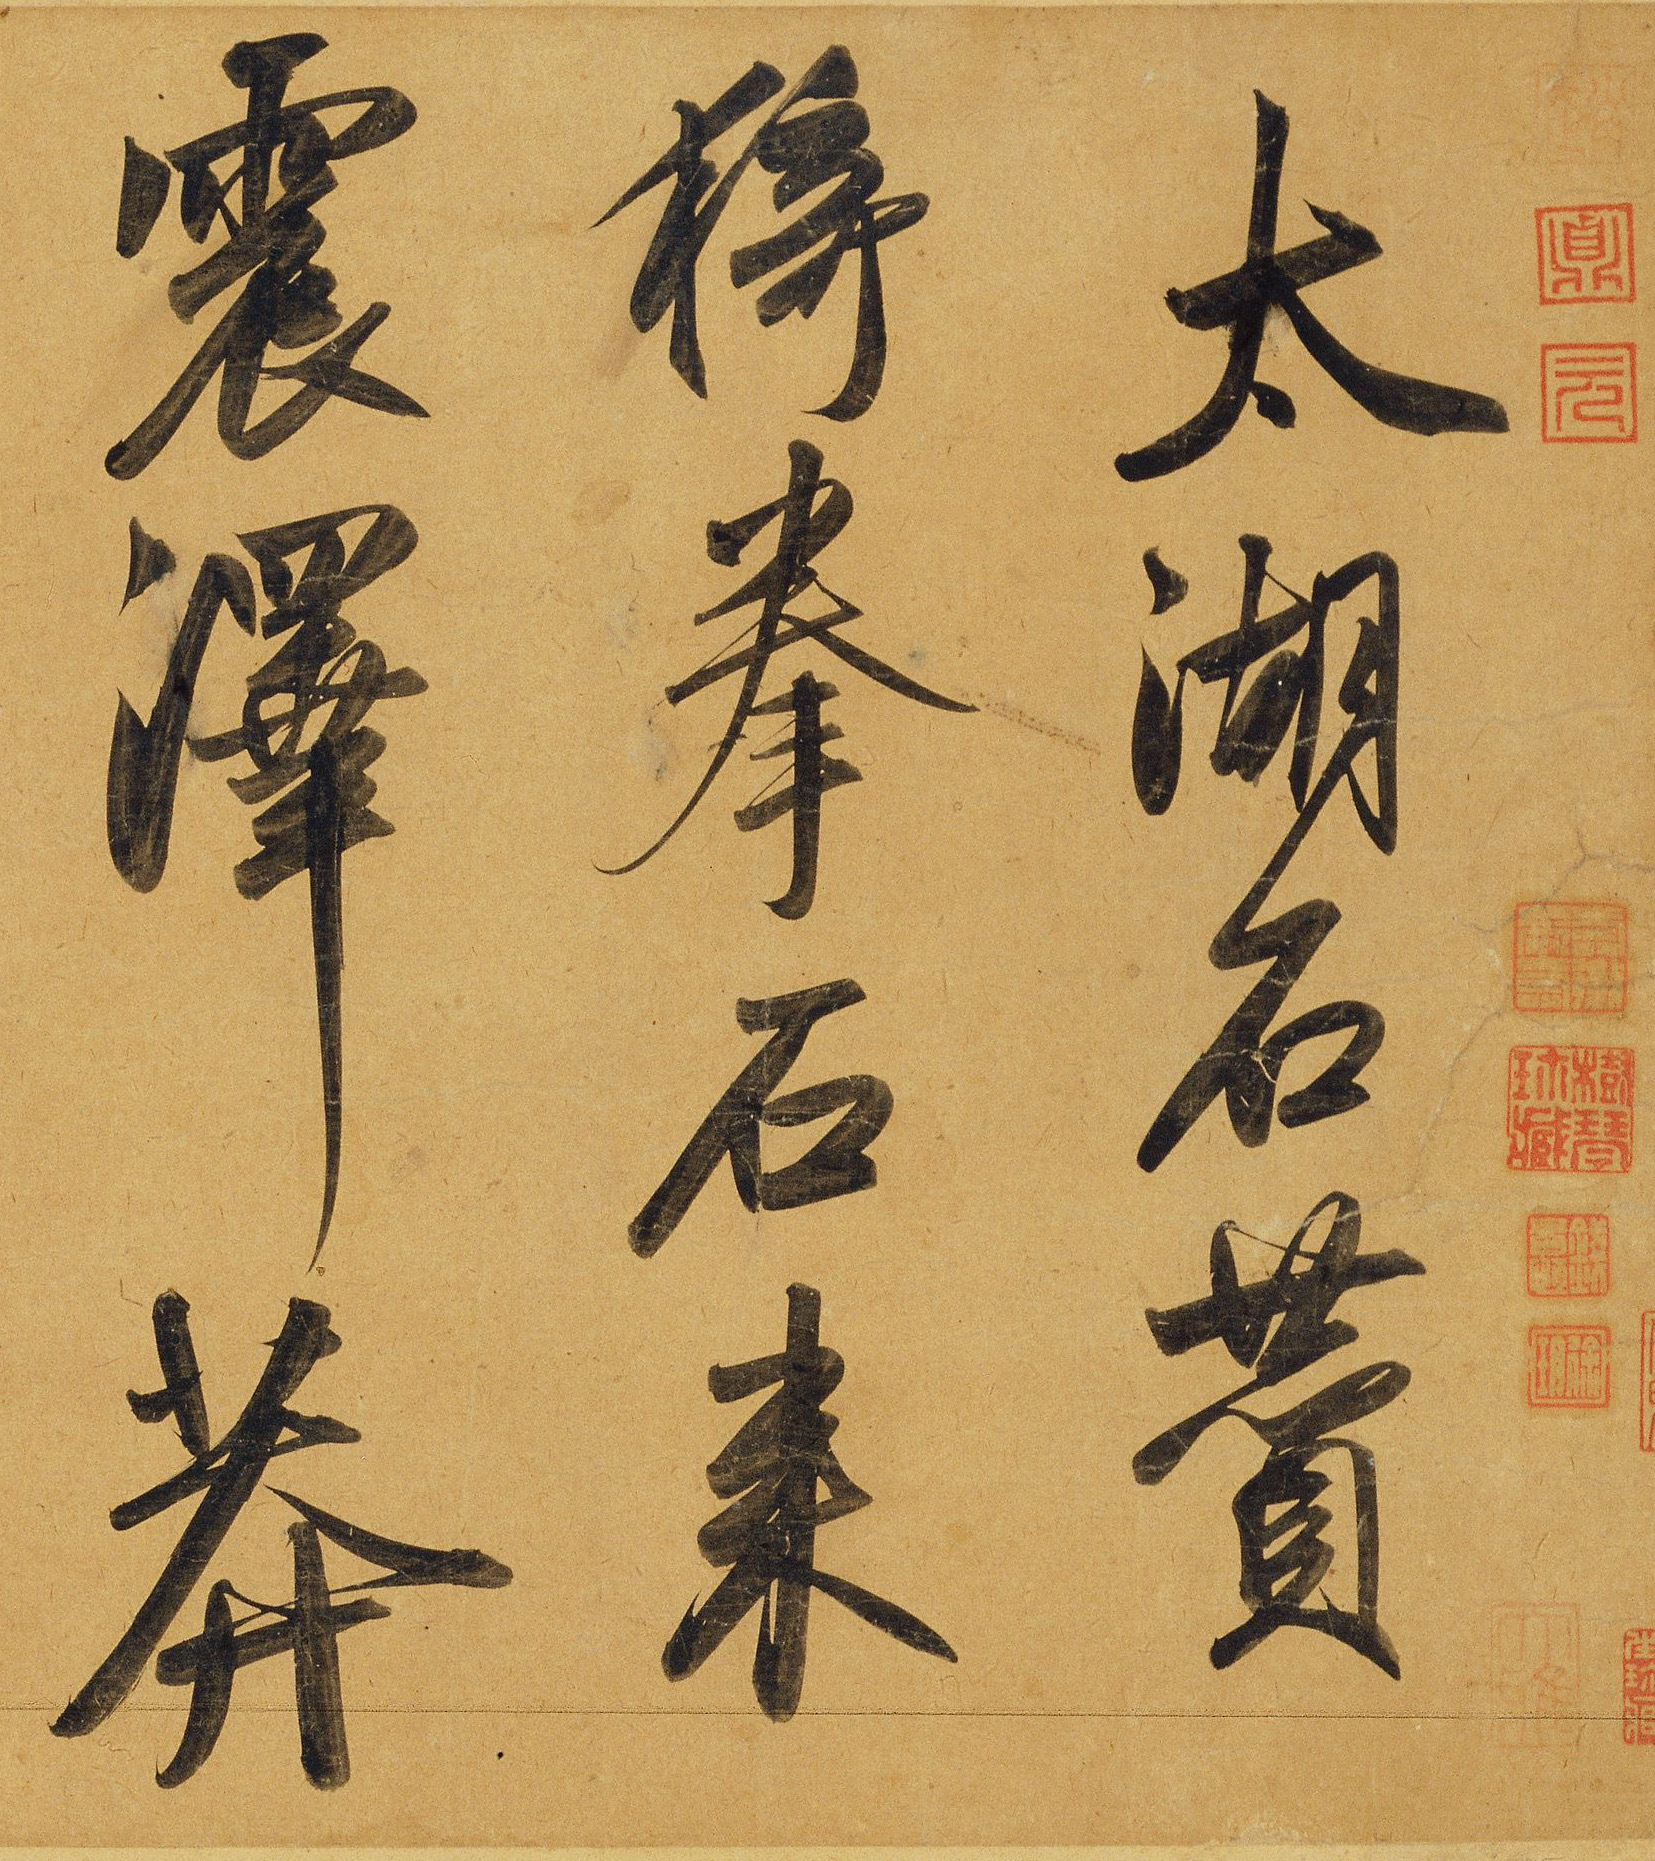 赵孟頫|二赞二诗卷